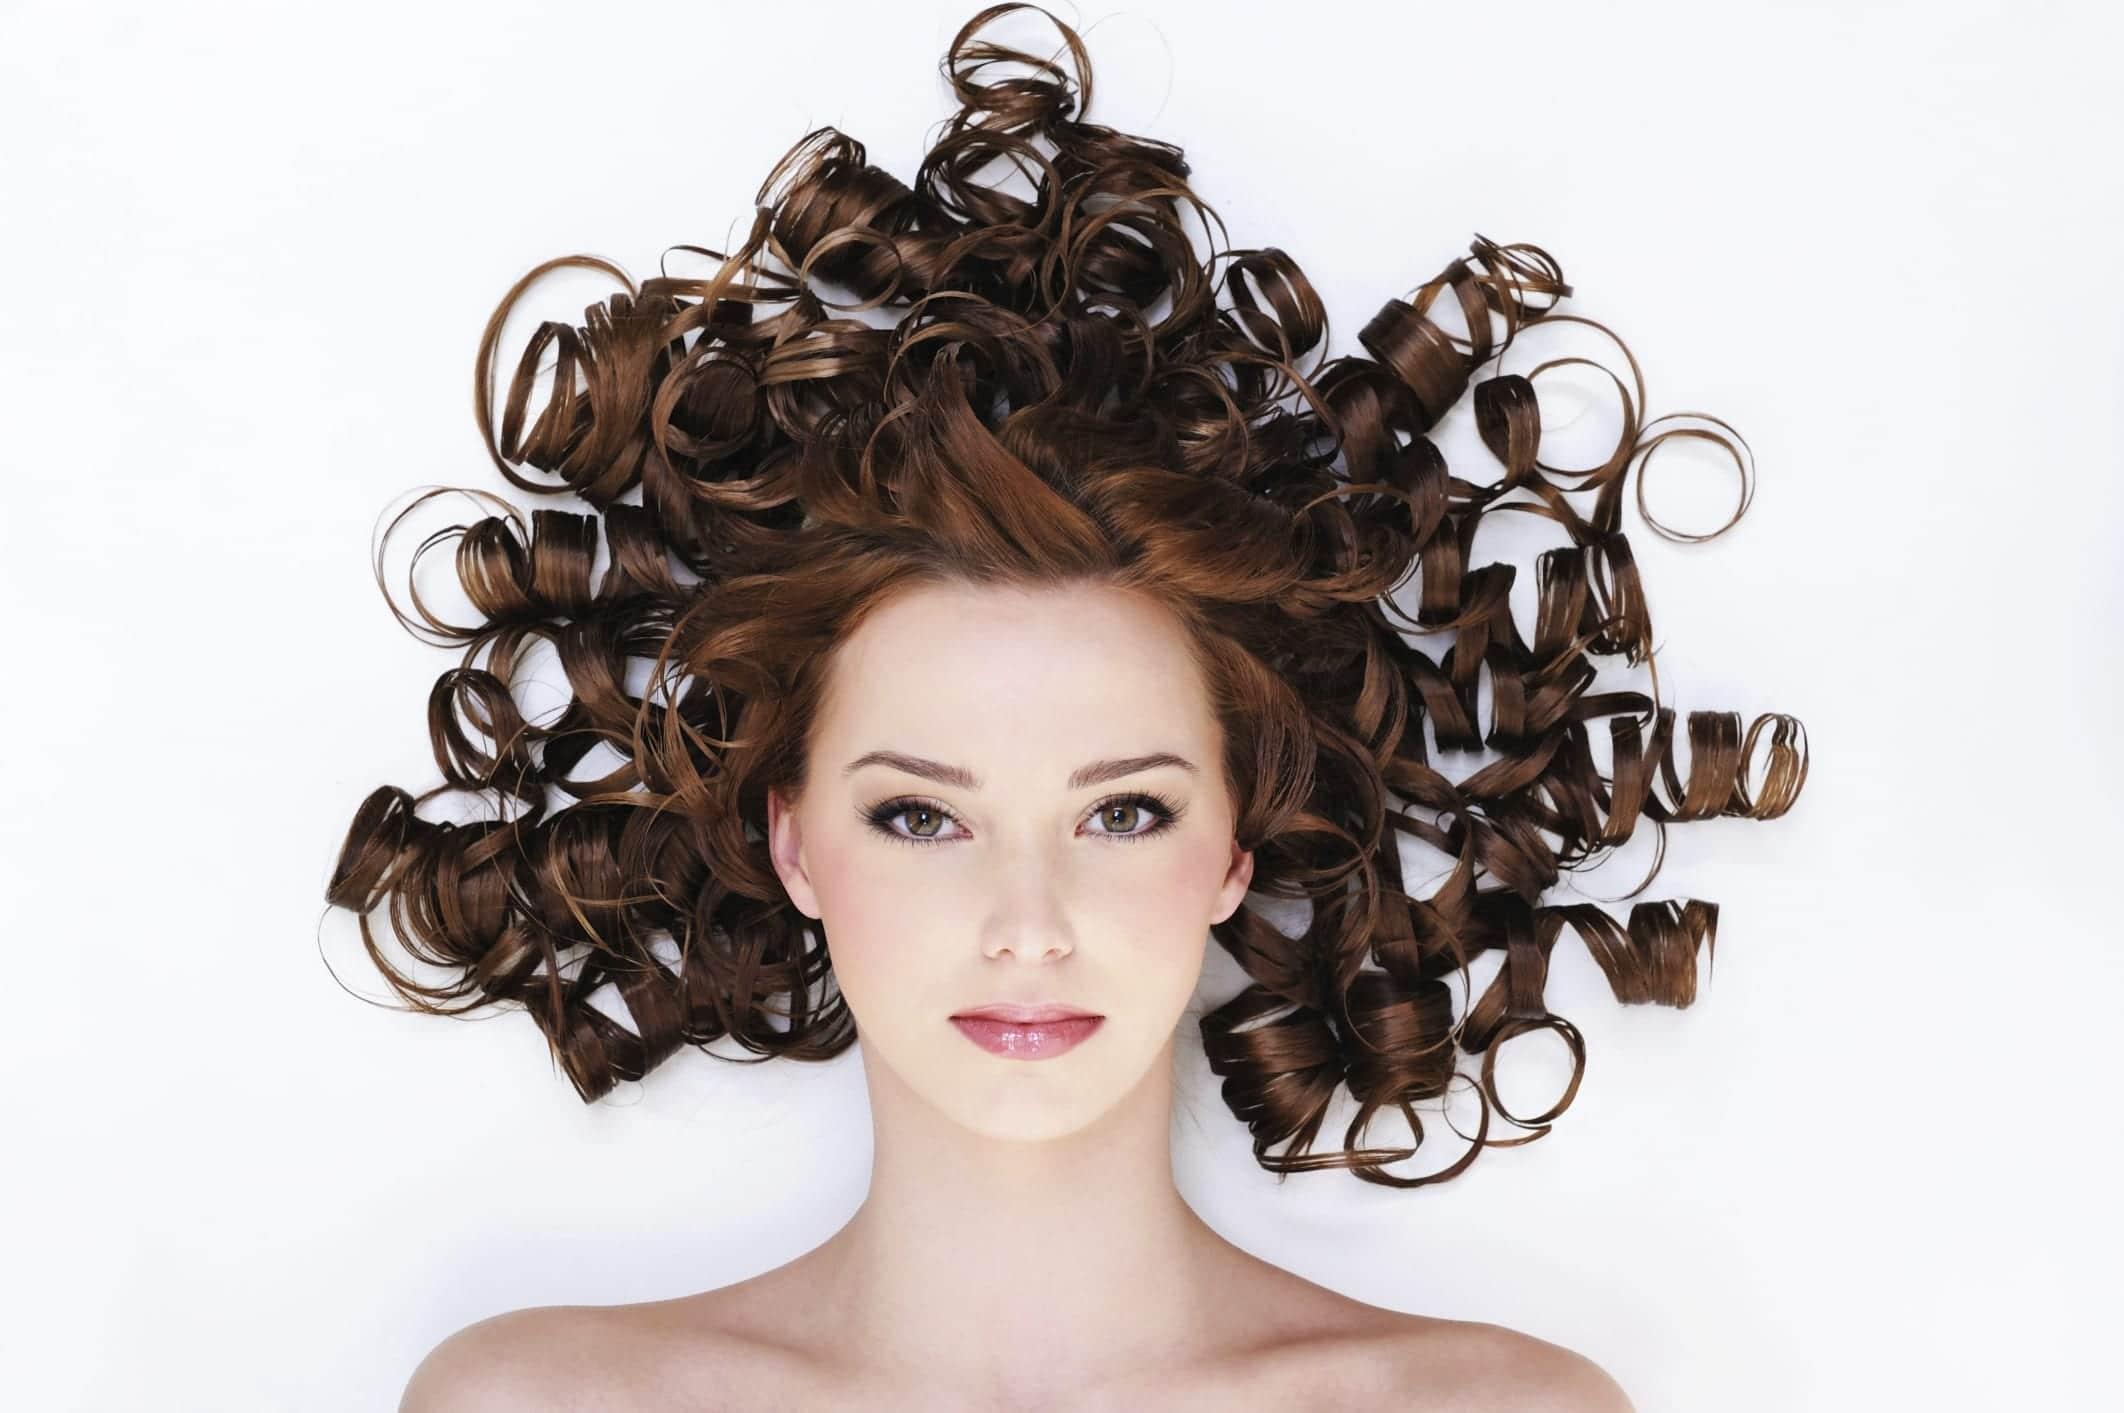 conseguir el pelo rizado sin calor